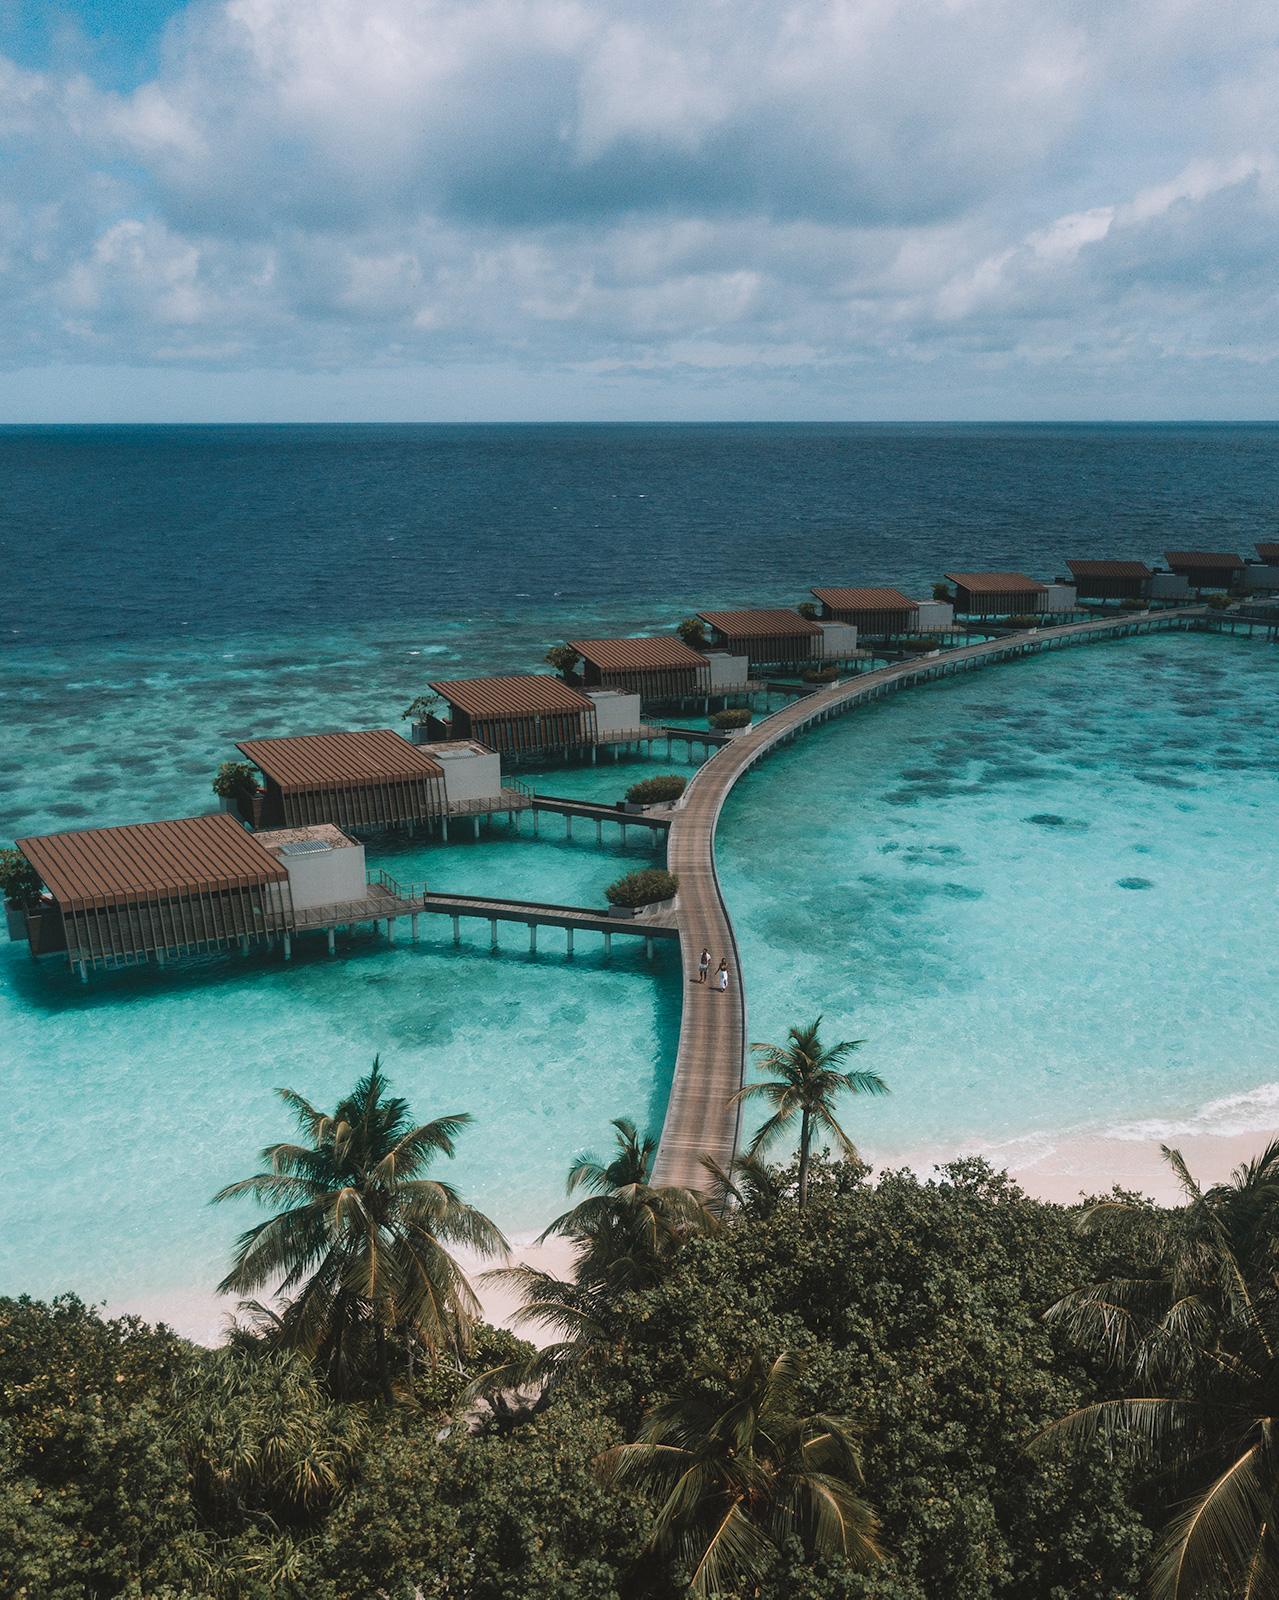 Park Hyatt Hadahaa Maldives Leading Resort water villas aerial view